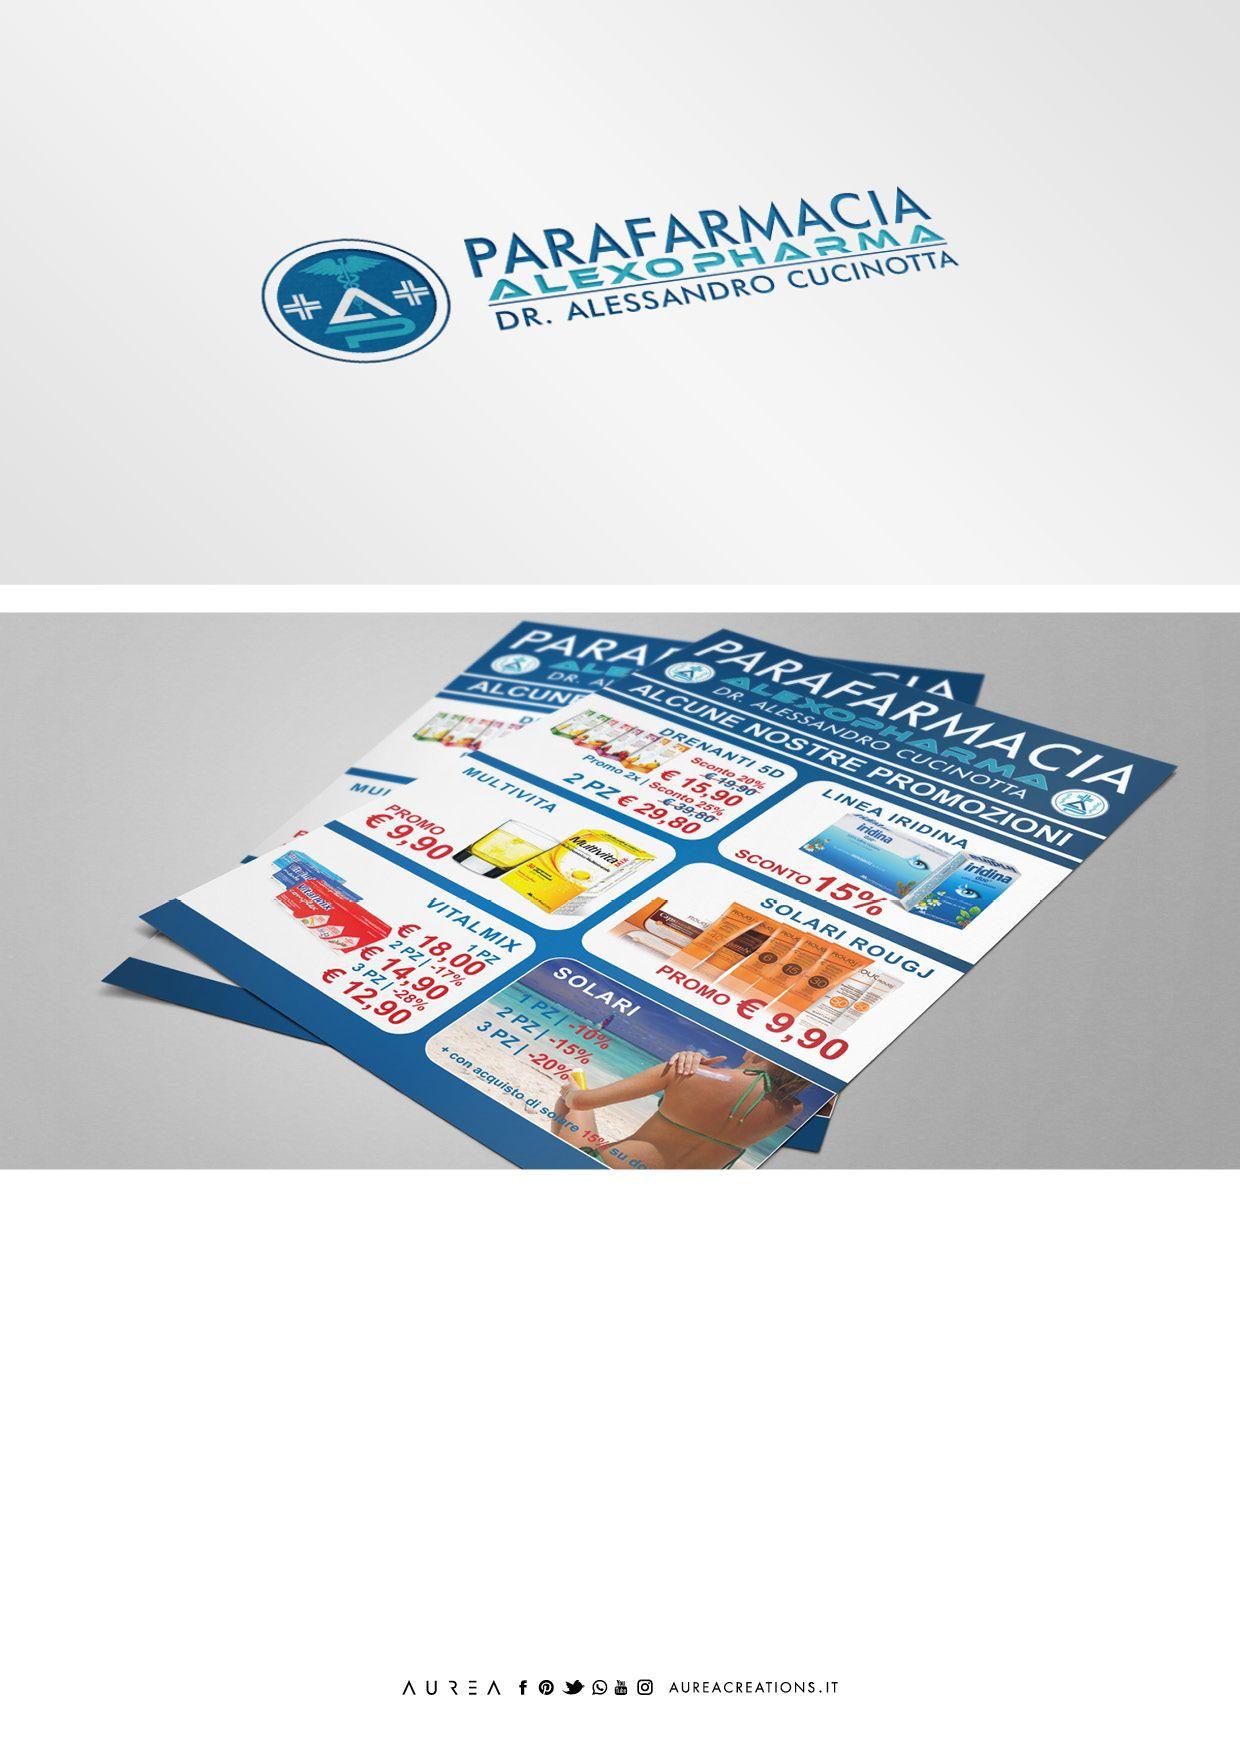 parafarmacia alexopharma logo flyer portfolio pinterest